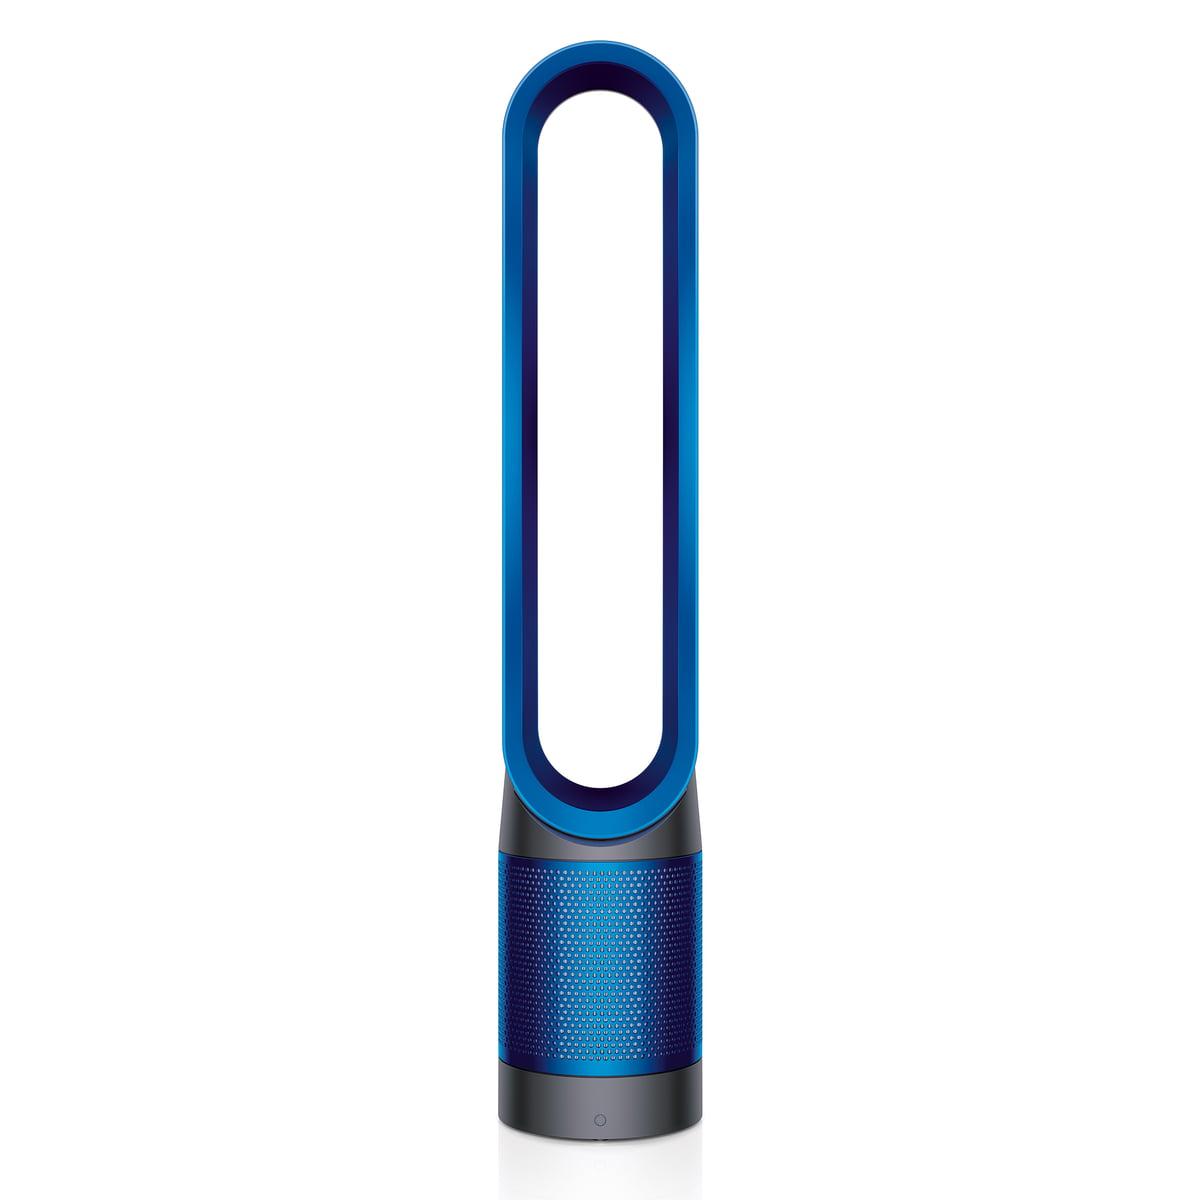 Dyson Deutschland Dyson - pure cool link Turm-Luftreiniger mit Ventilatorfunktion, anthrazit / blau | Baumarkt > Heizung und Klima | Blau | Metall -  kunststoff | Dyson Deutschland